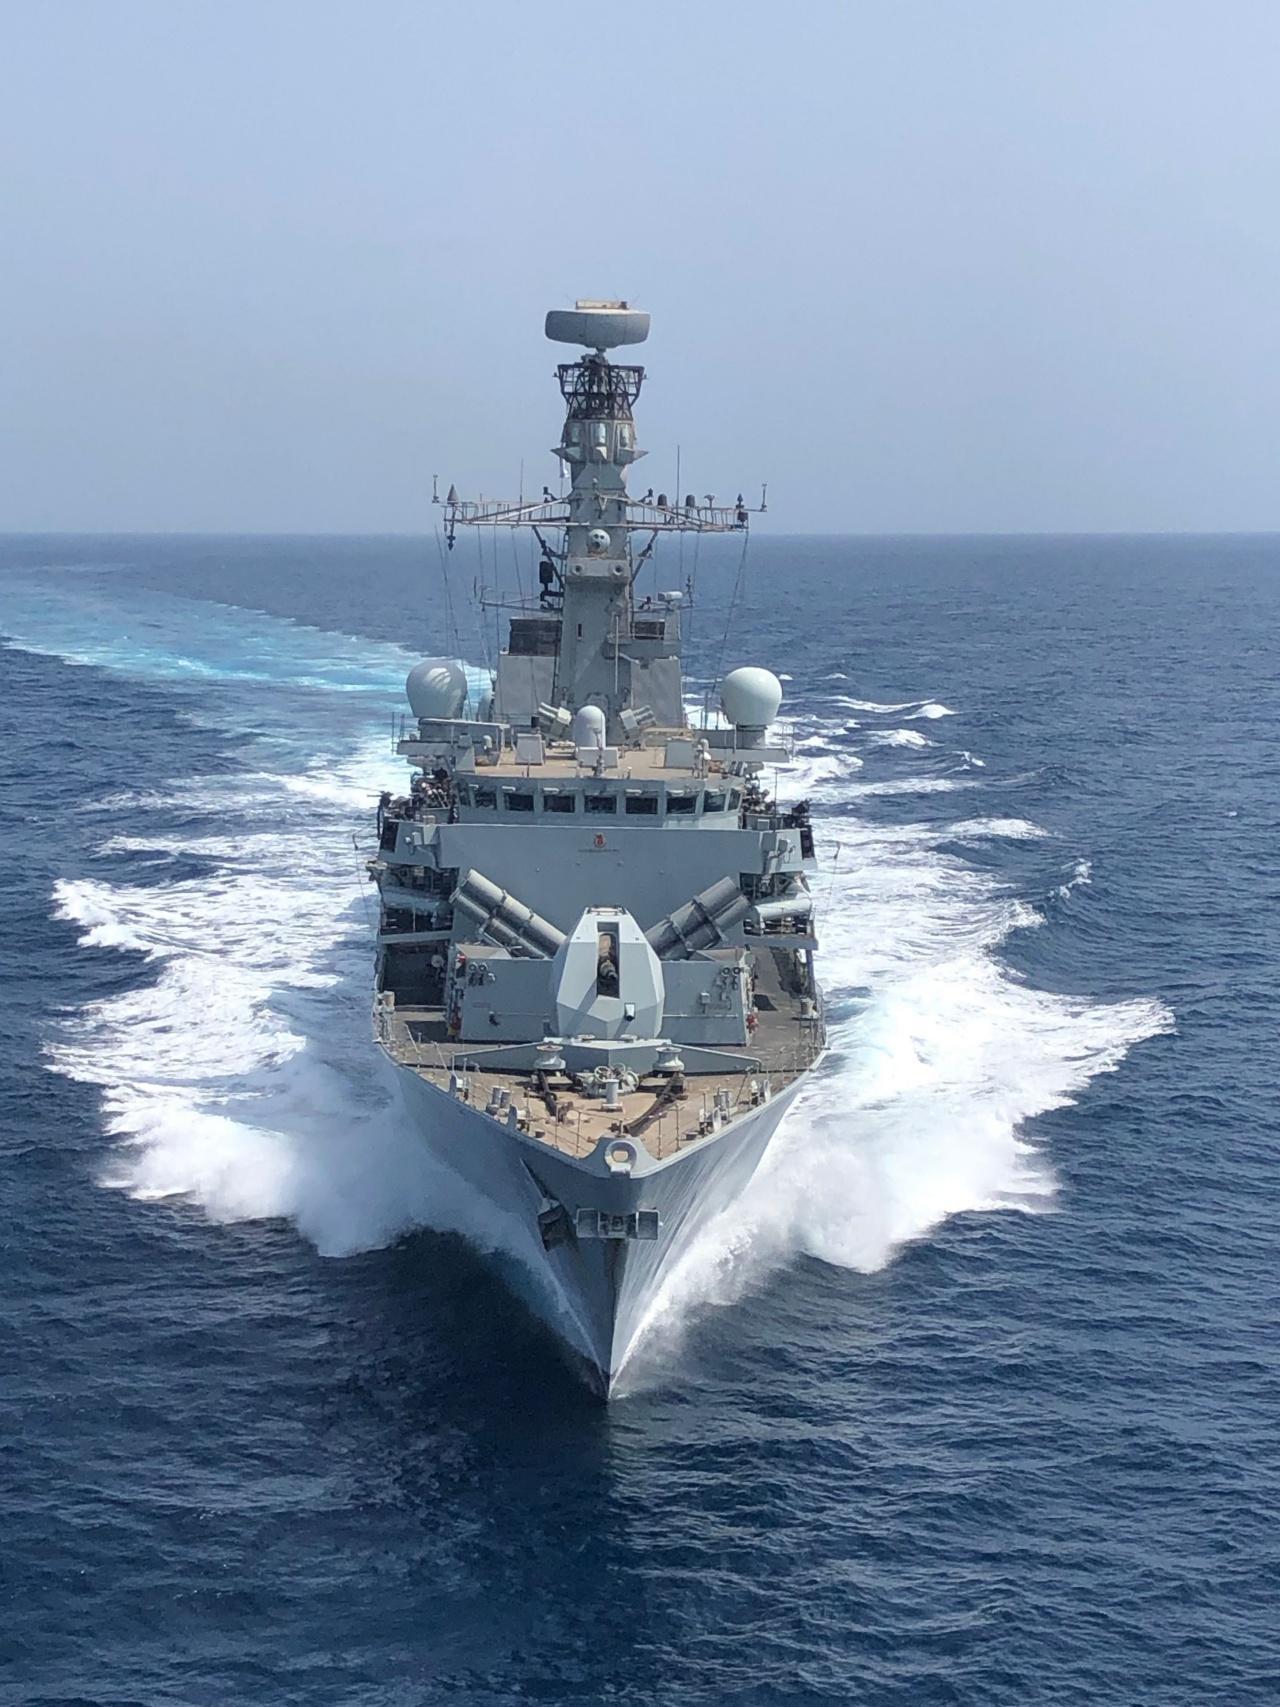 เรือรบอังกฤษ HMS Montrose (เอชเอ็มเอส มอนโทรส)